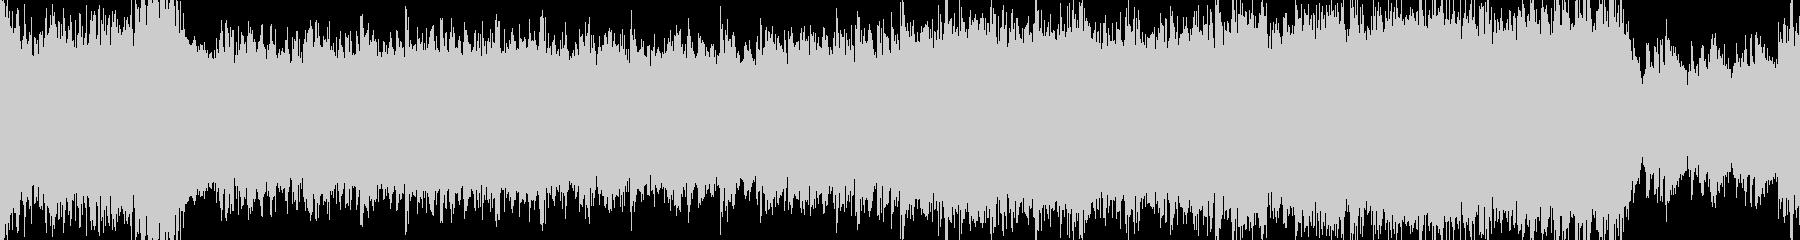 雄大生コーラスとオーケストラ【ループ可】の未再生の波形